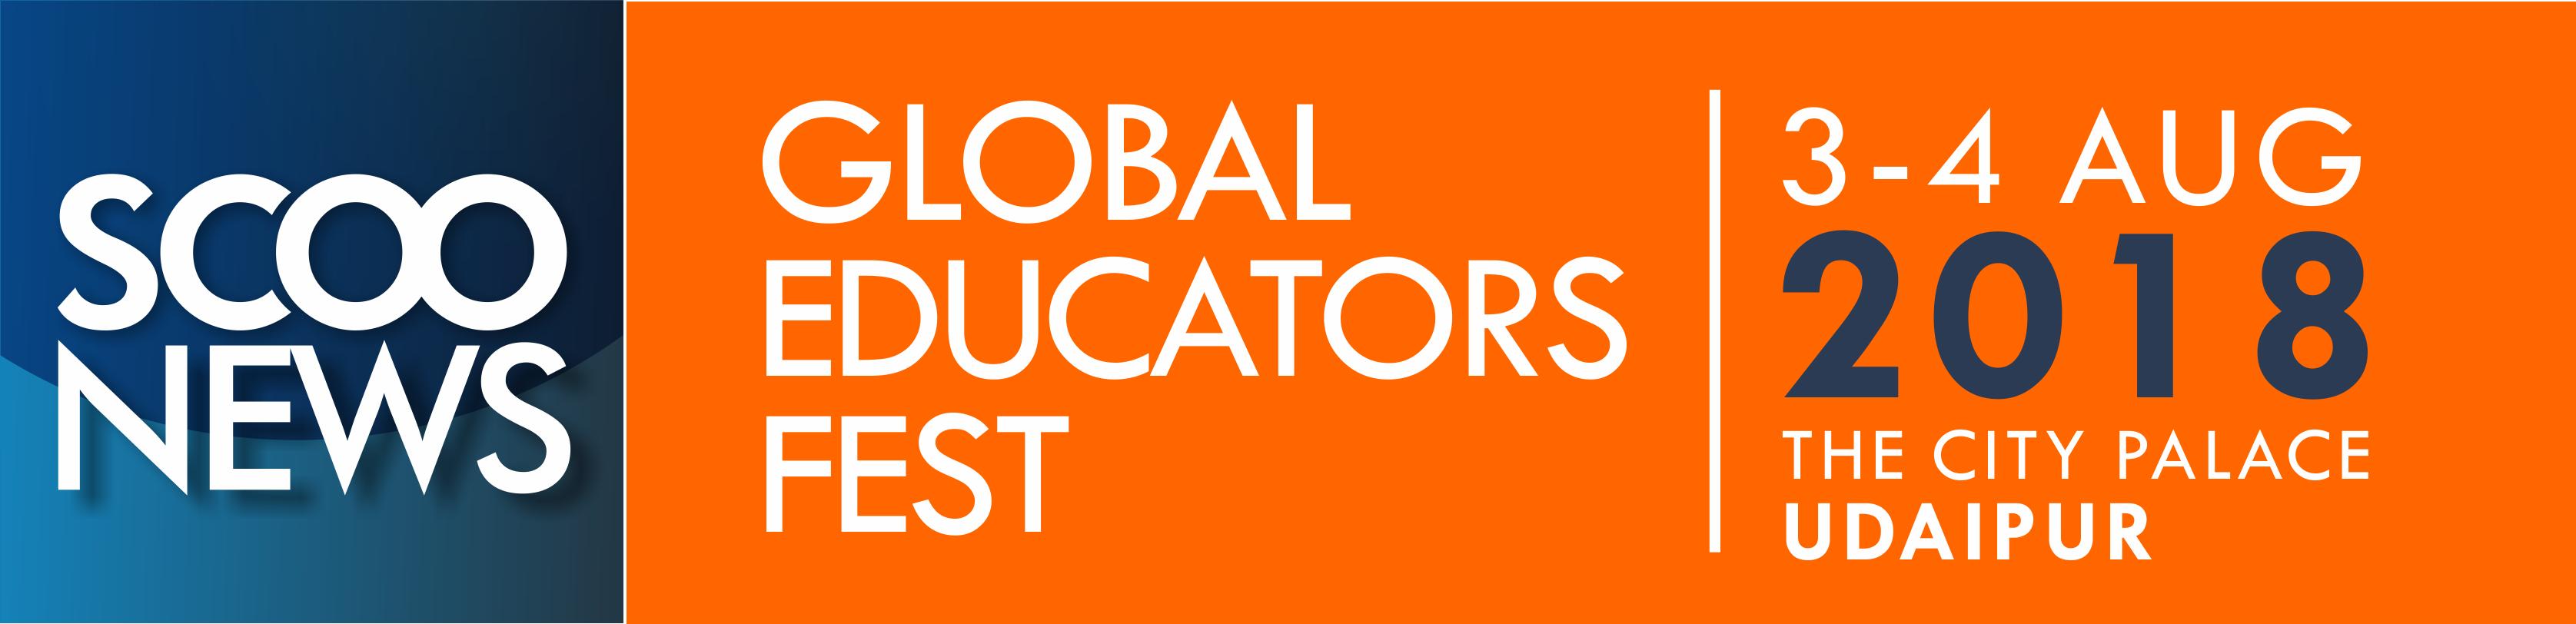 Logo ScooNews Global Educators Fest 2018